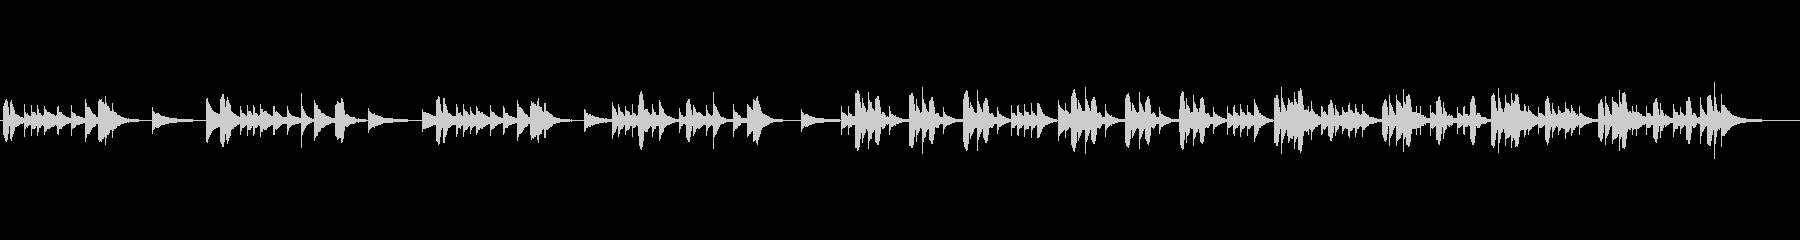 古びたオルゴール⑤の未再生の波形